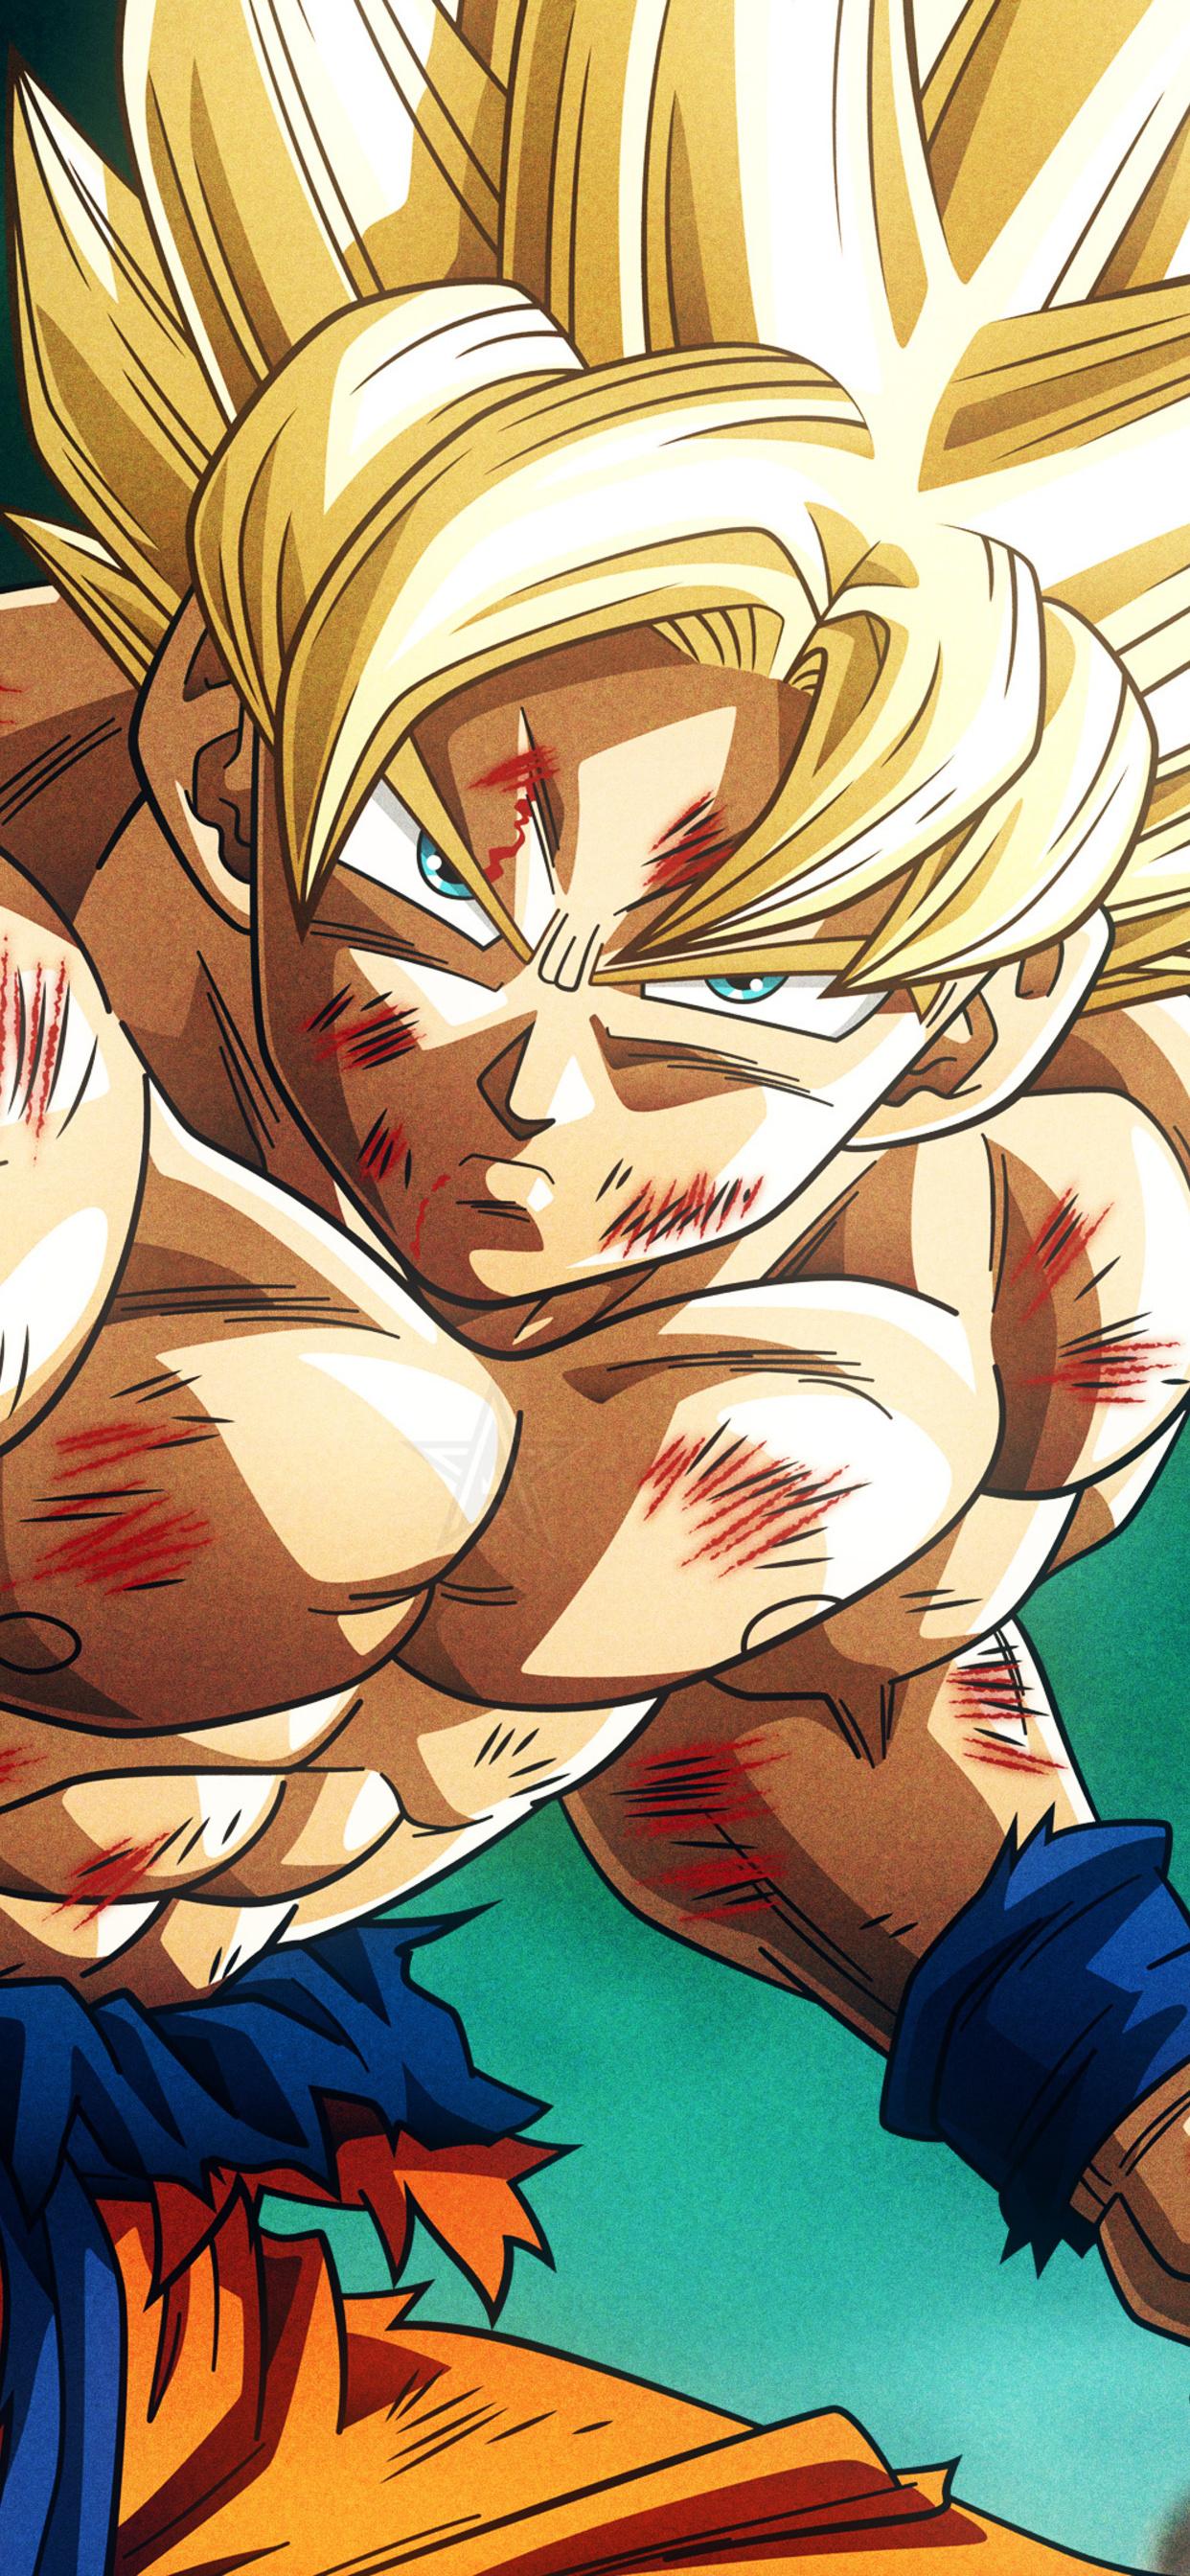 1242x2688 Super Saiyan Son Goku Dragon Ball Z 4k Iphone Xs Max Hd 4k